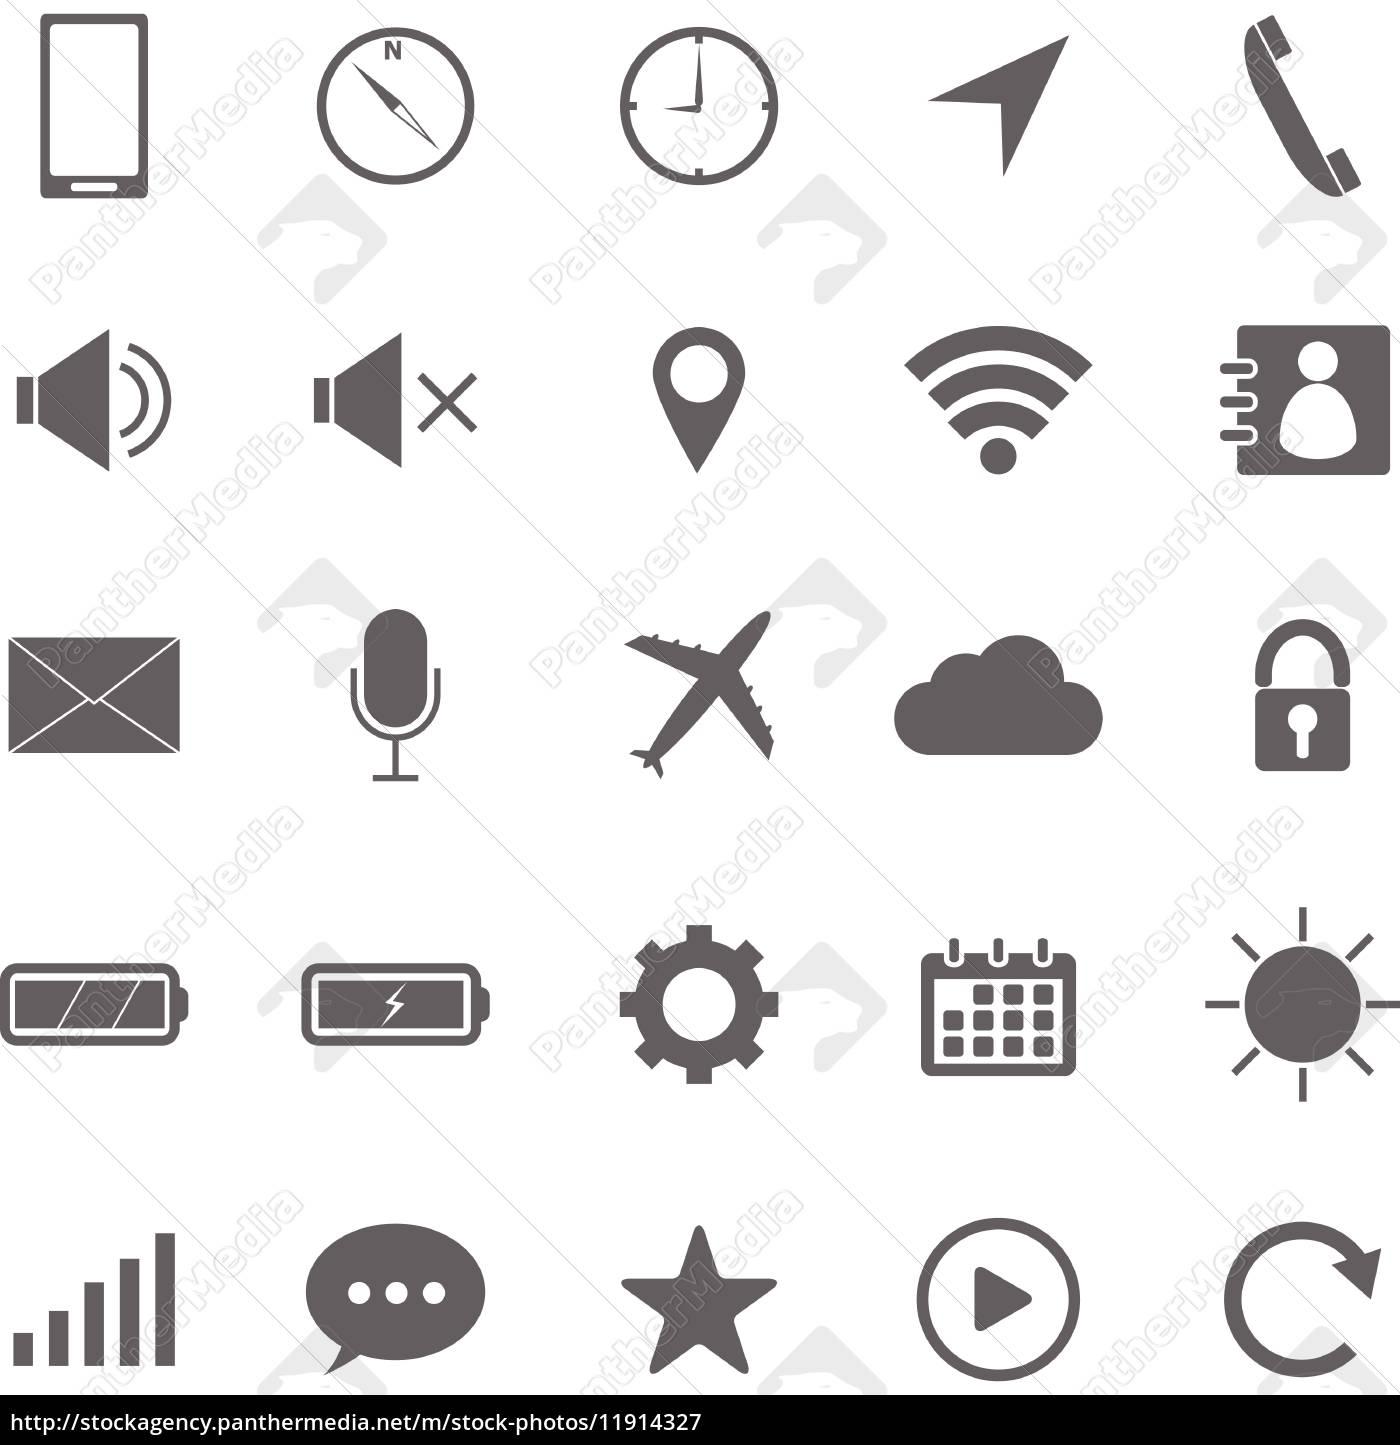 Symbole ☯ Fortnite